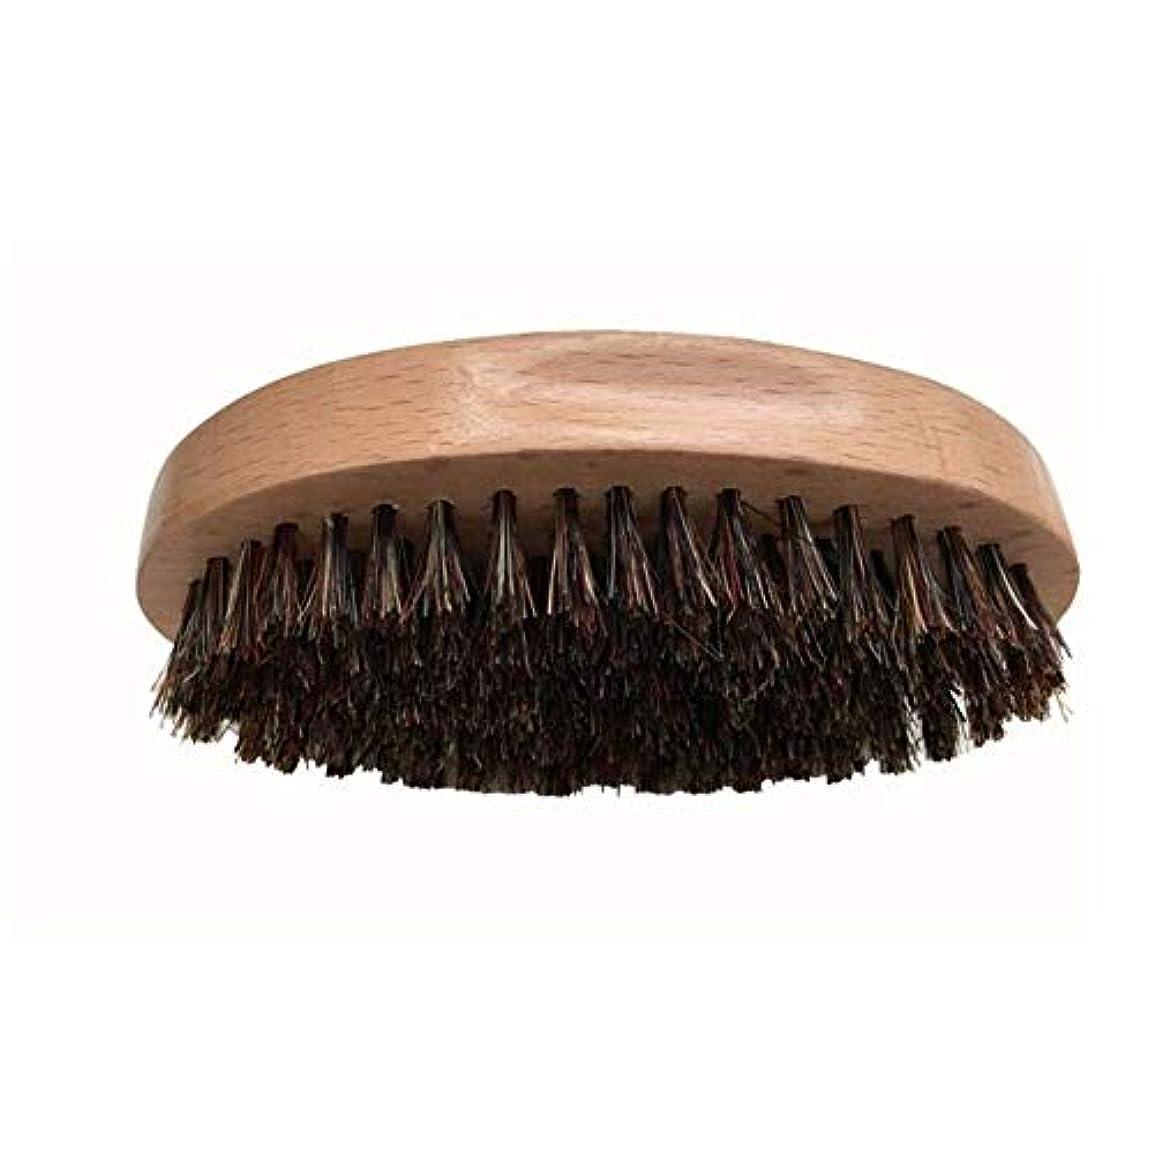 肘掛け椅子思い出す被るシェービングブラシ 男性 口ひげ ひげブラシ ラウンド櫛 メンズシェービングツール 理容 洗顔 髭剃り 泡立ち